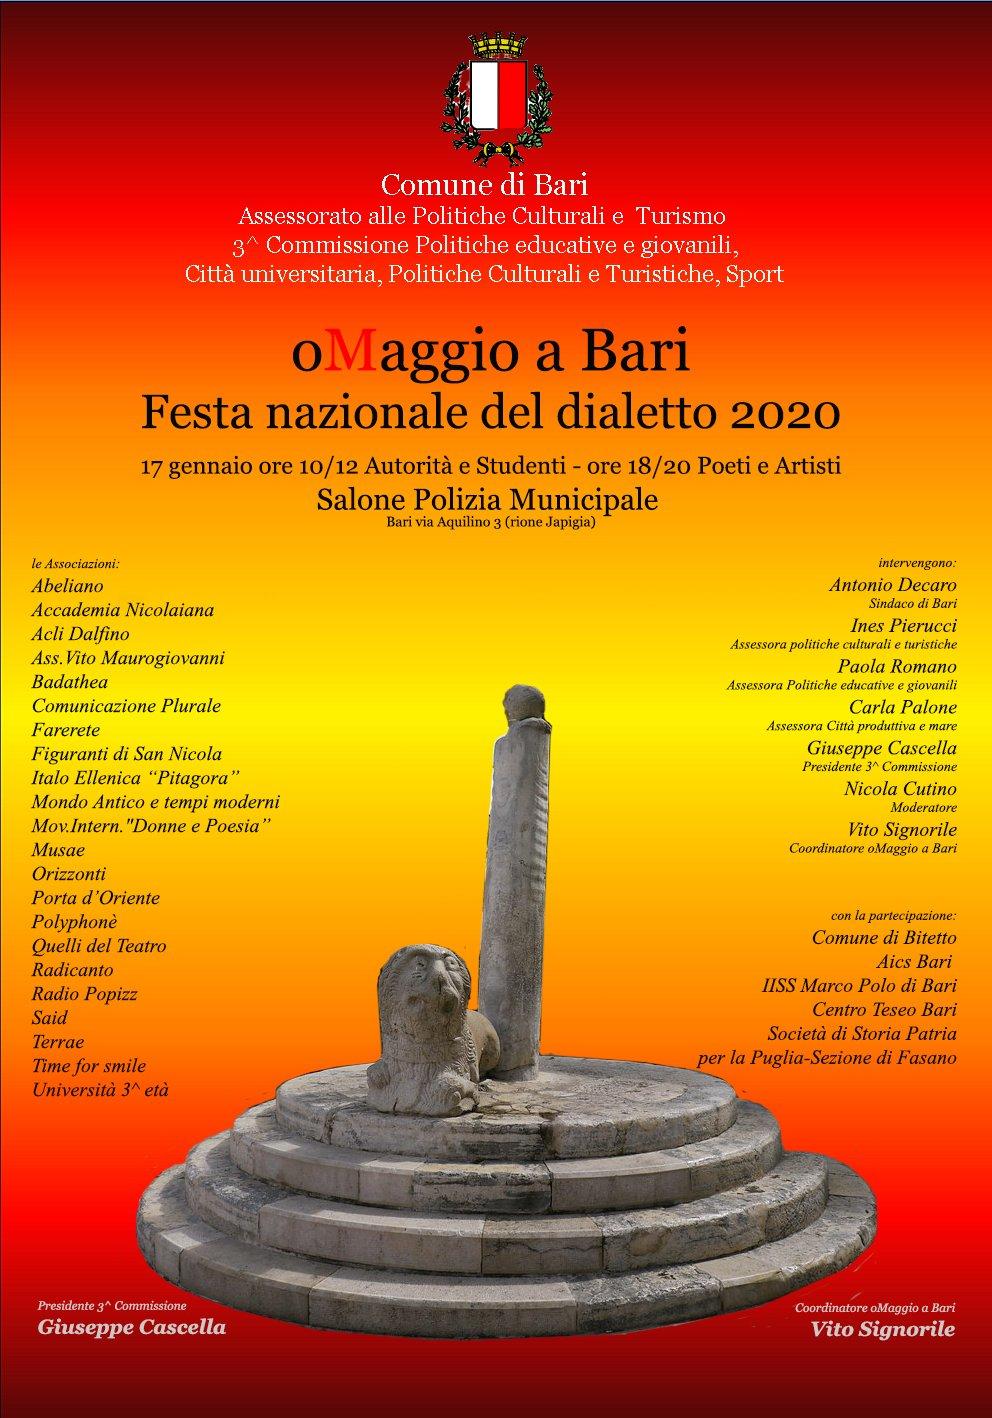 oMAGGIO A BARI: Festa nazionale del dialetto 2020